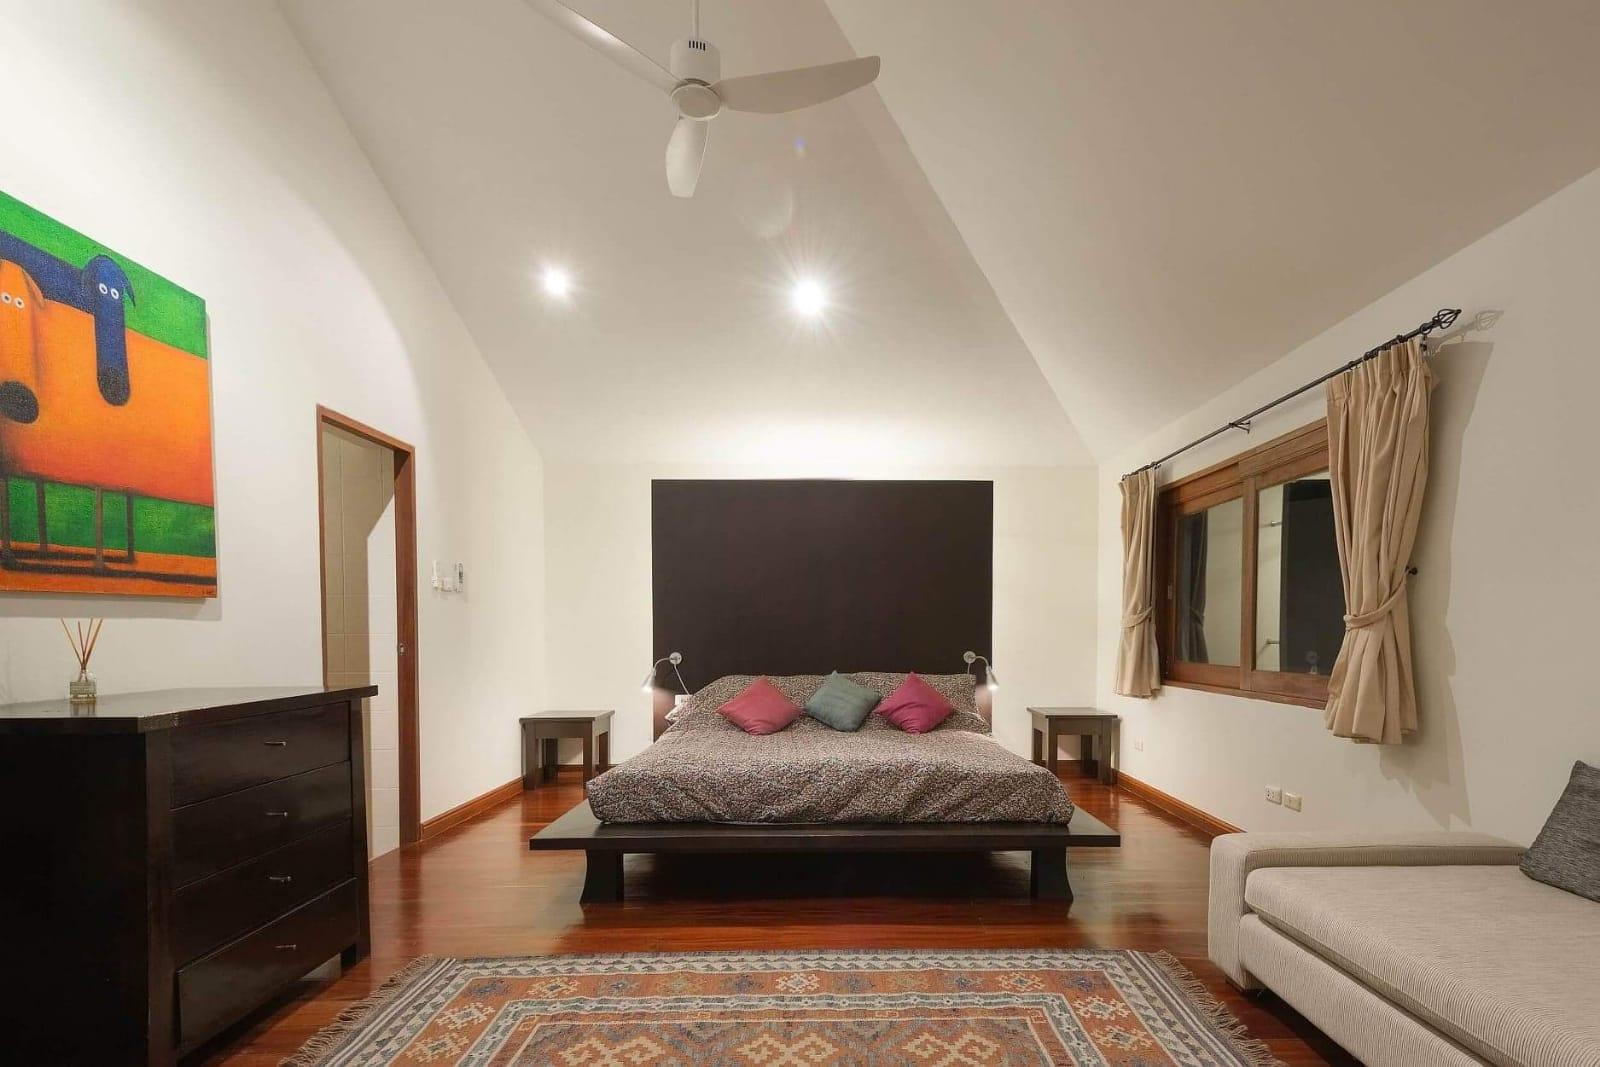 Loch Palm Courtyard 5 Bedrooms-e5426263-87d8-4d15-8b8d-ebe15db5651d.jpg